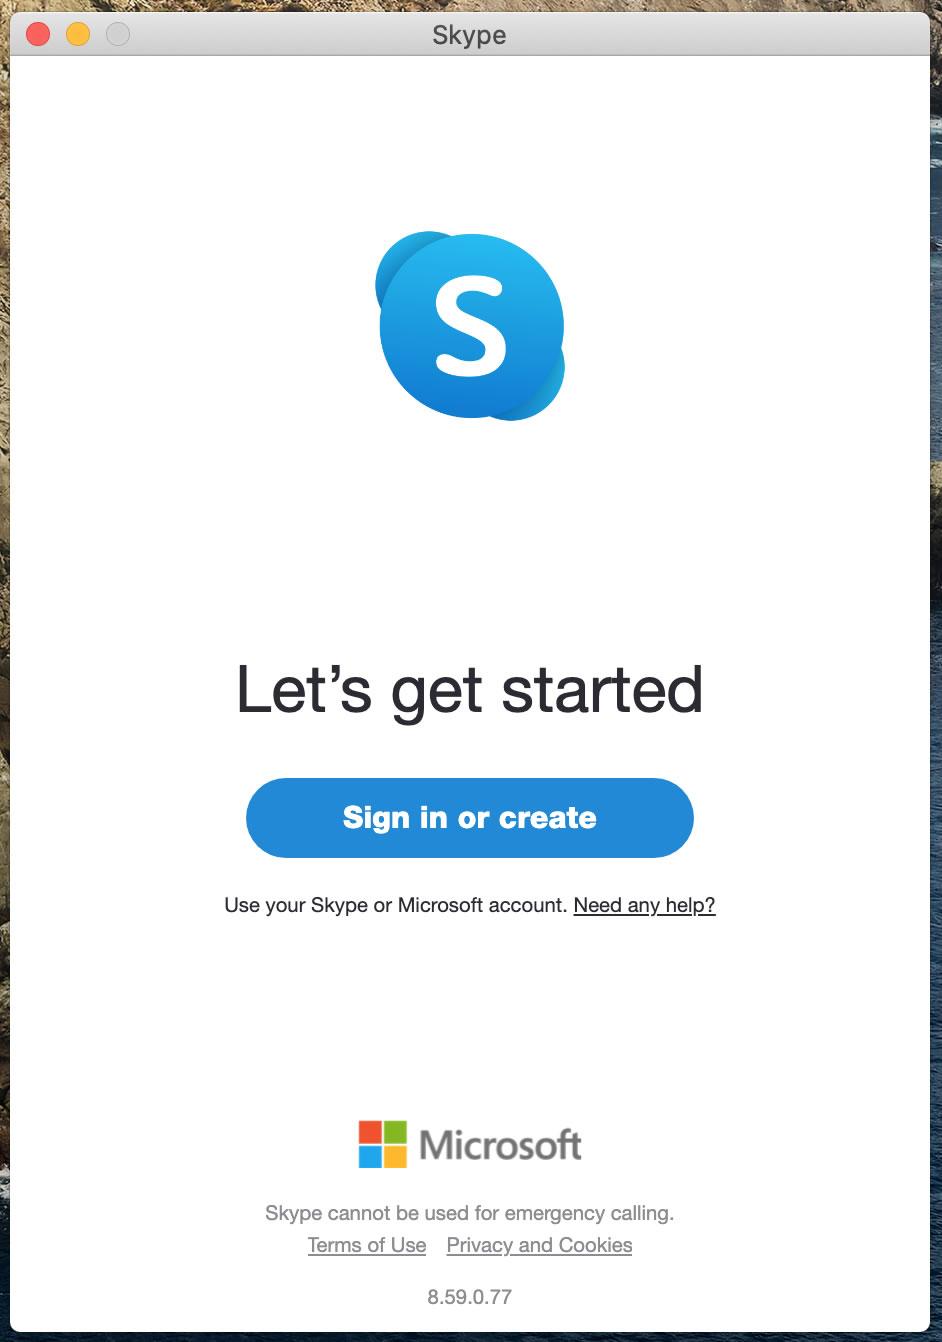 [Skype Sign in]